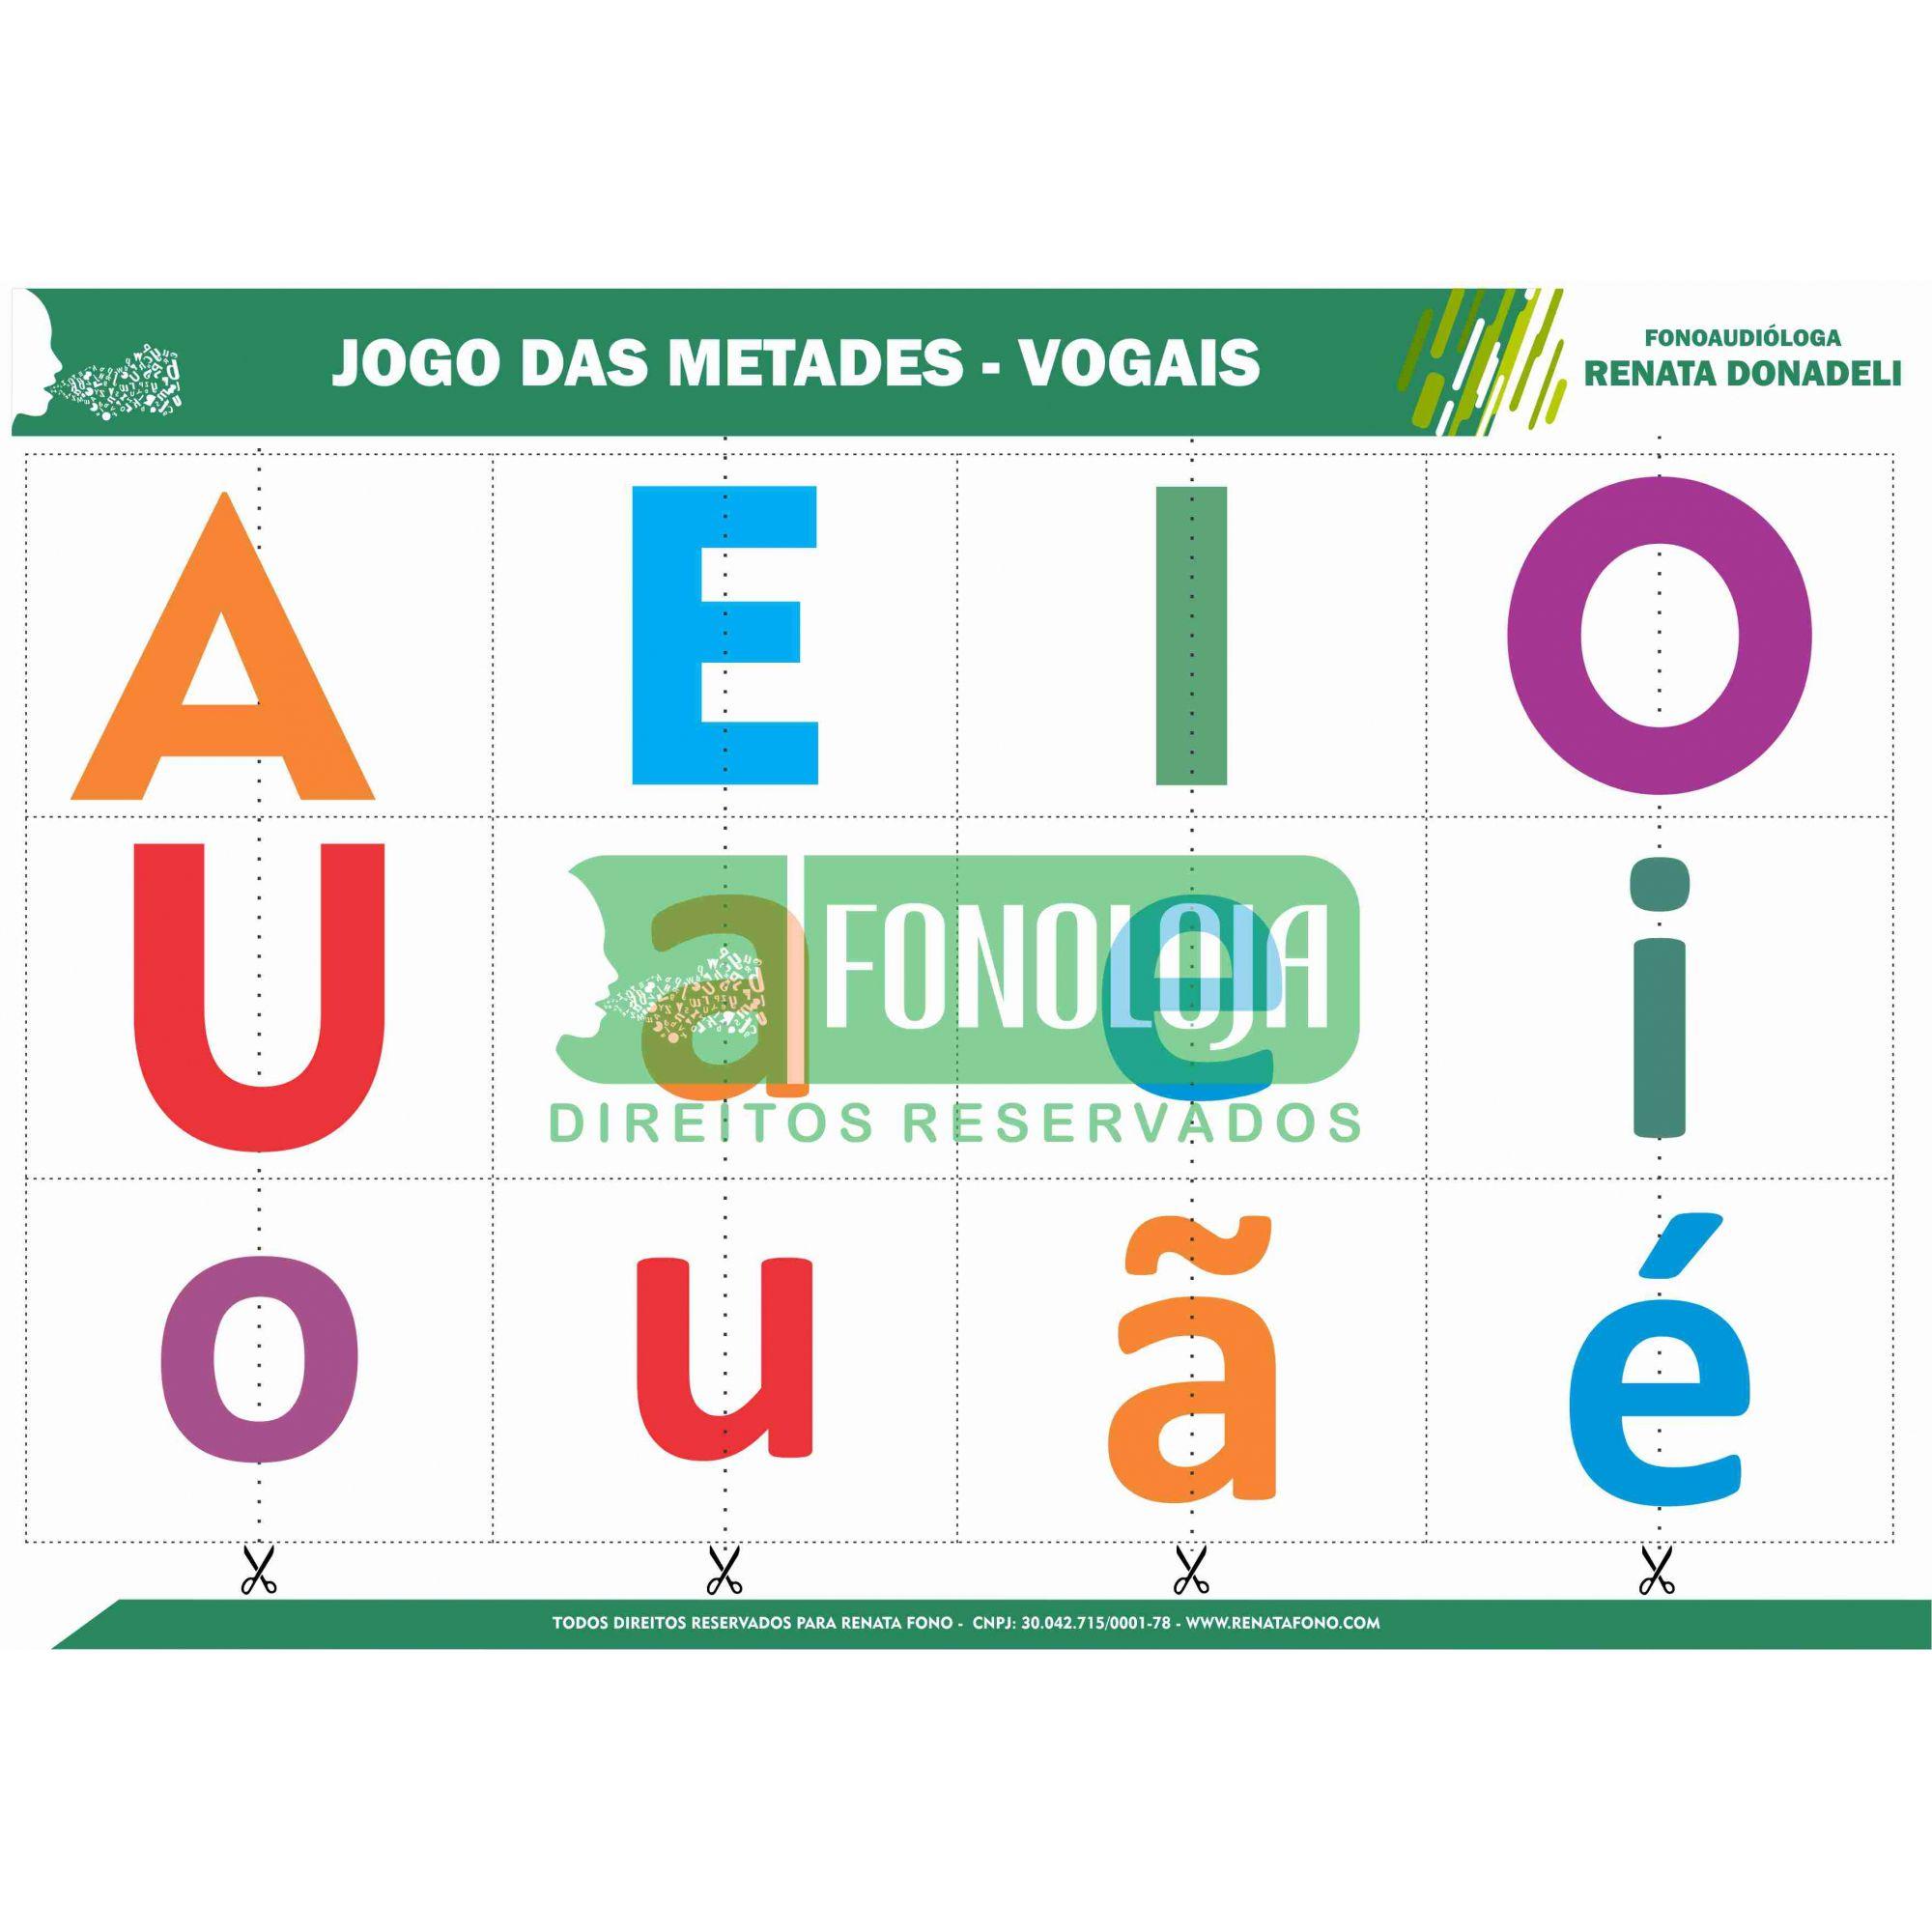 JOGO DAS METADES - FRUTAS E VOGAIS